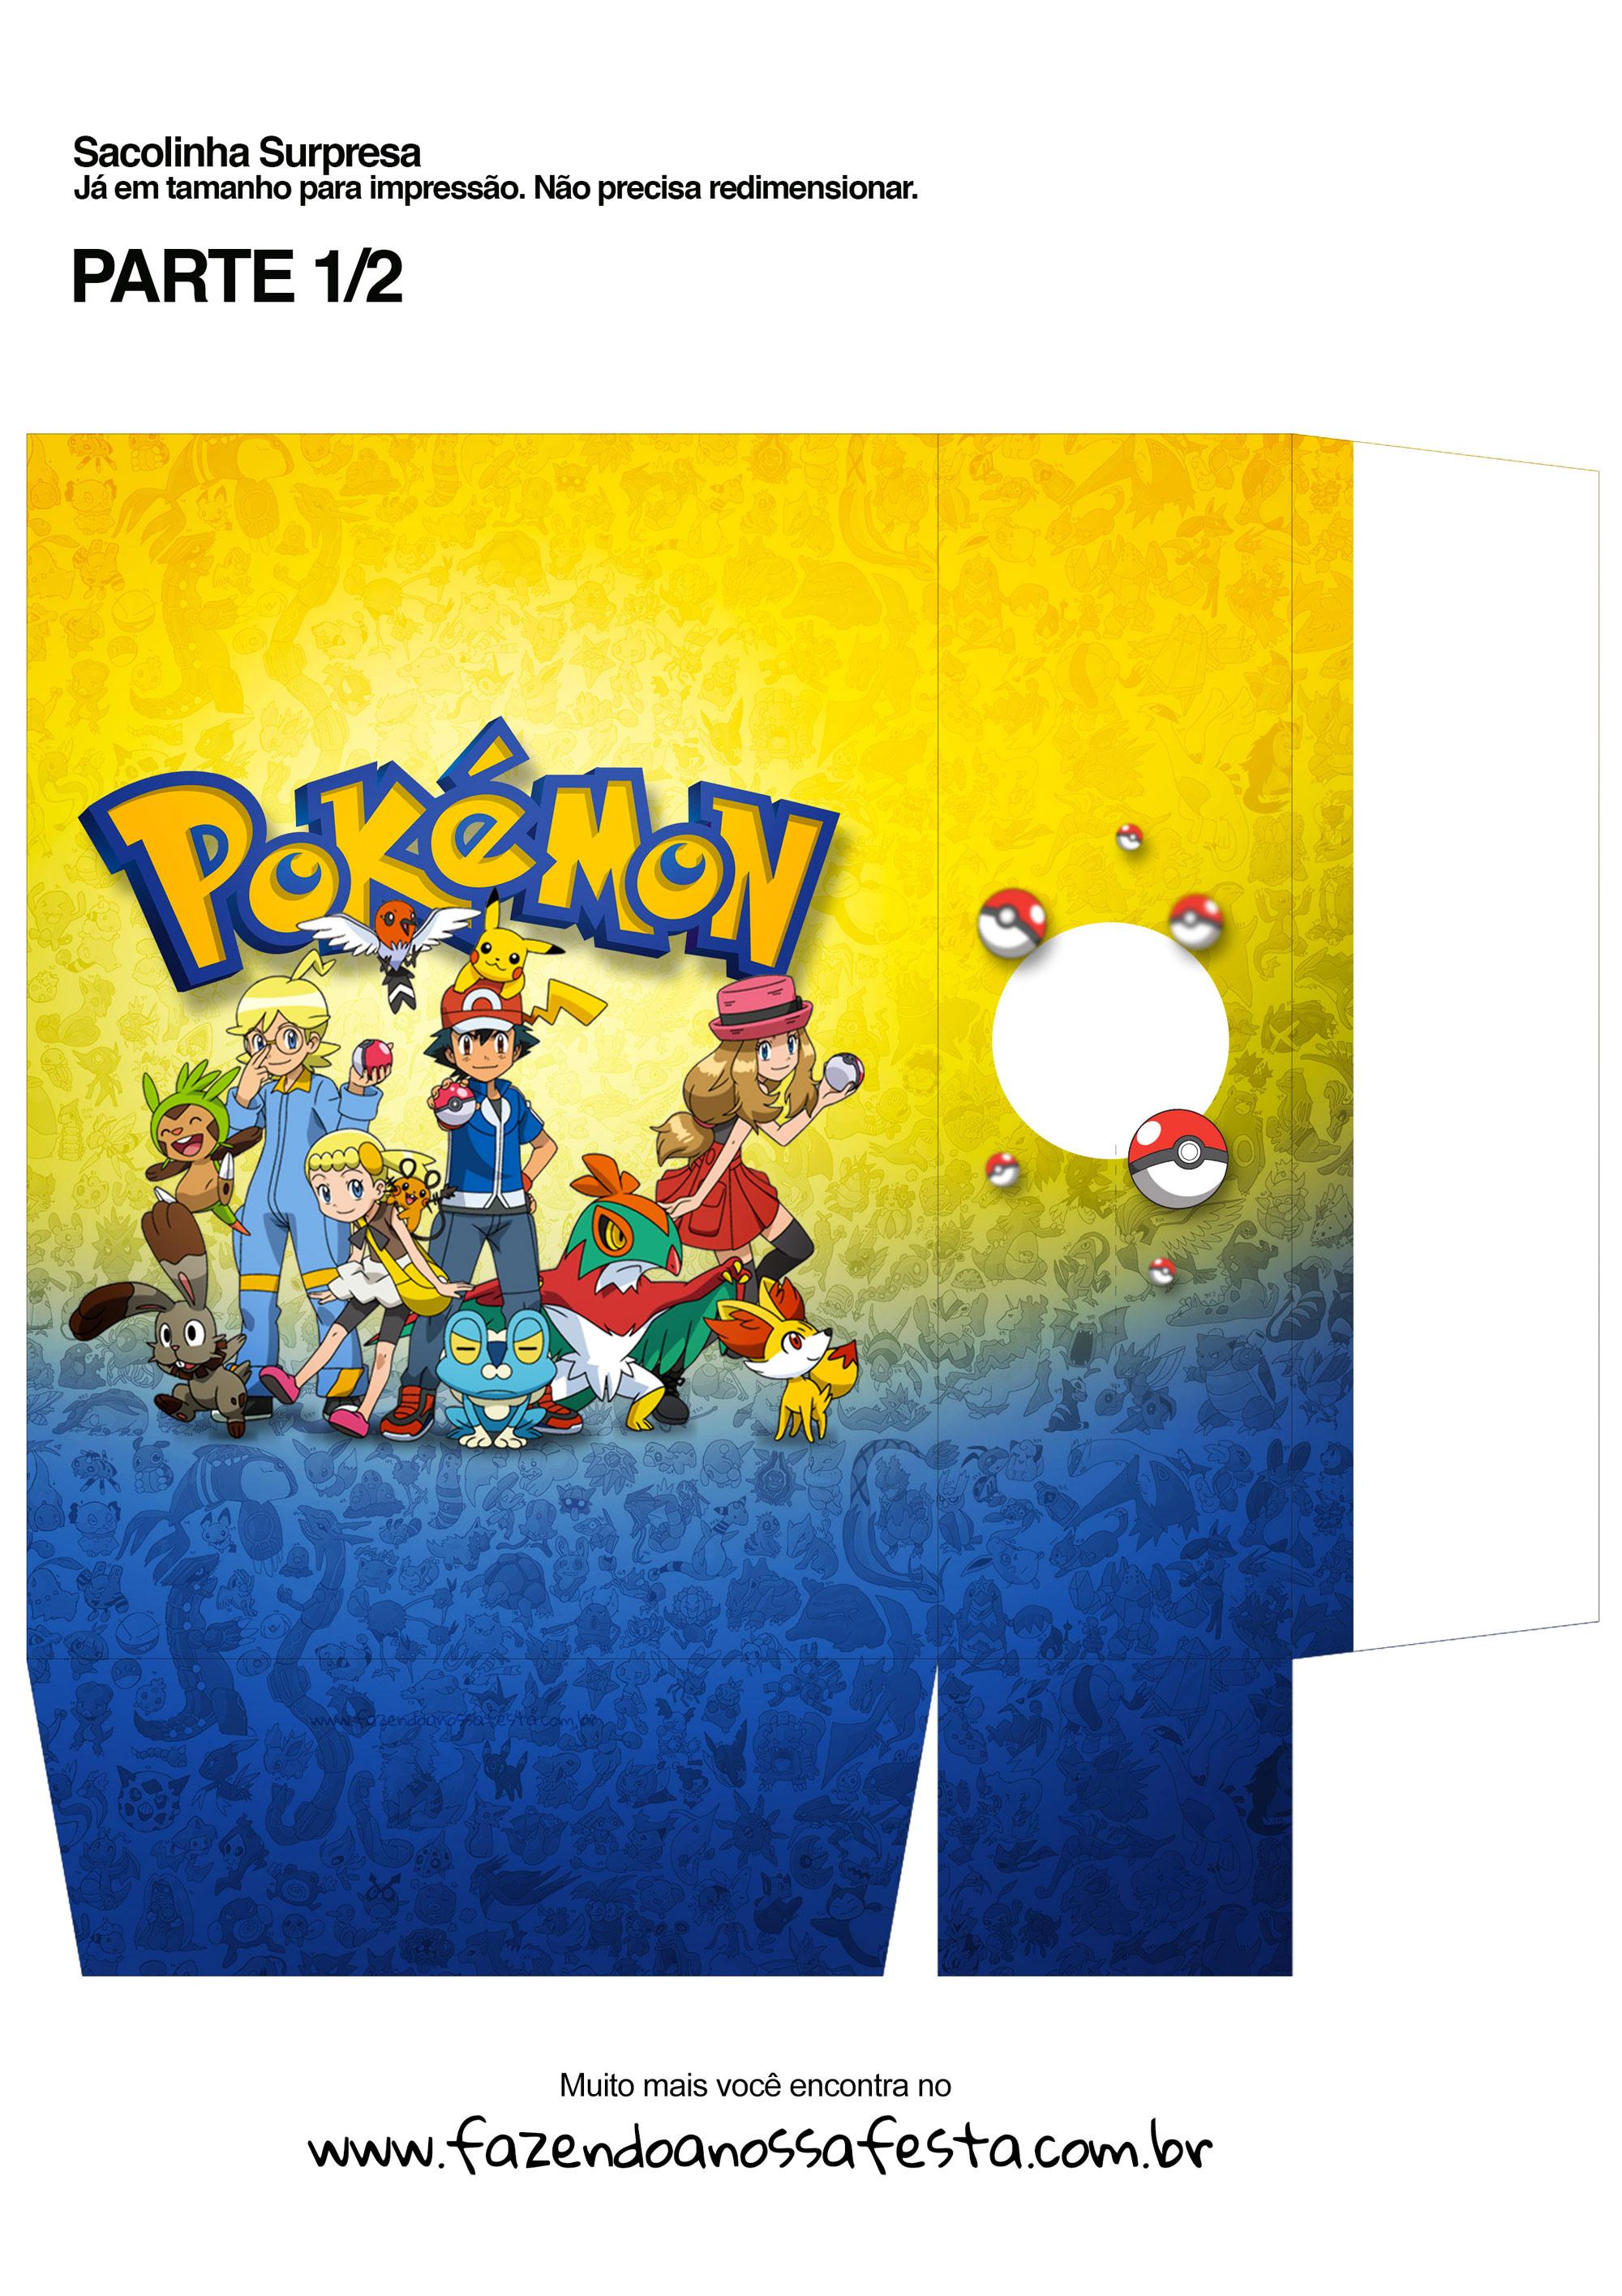 Ideas About Pokemon Printables